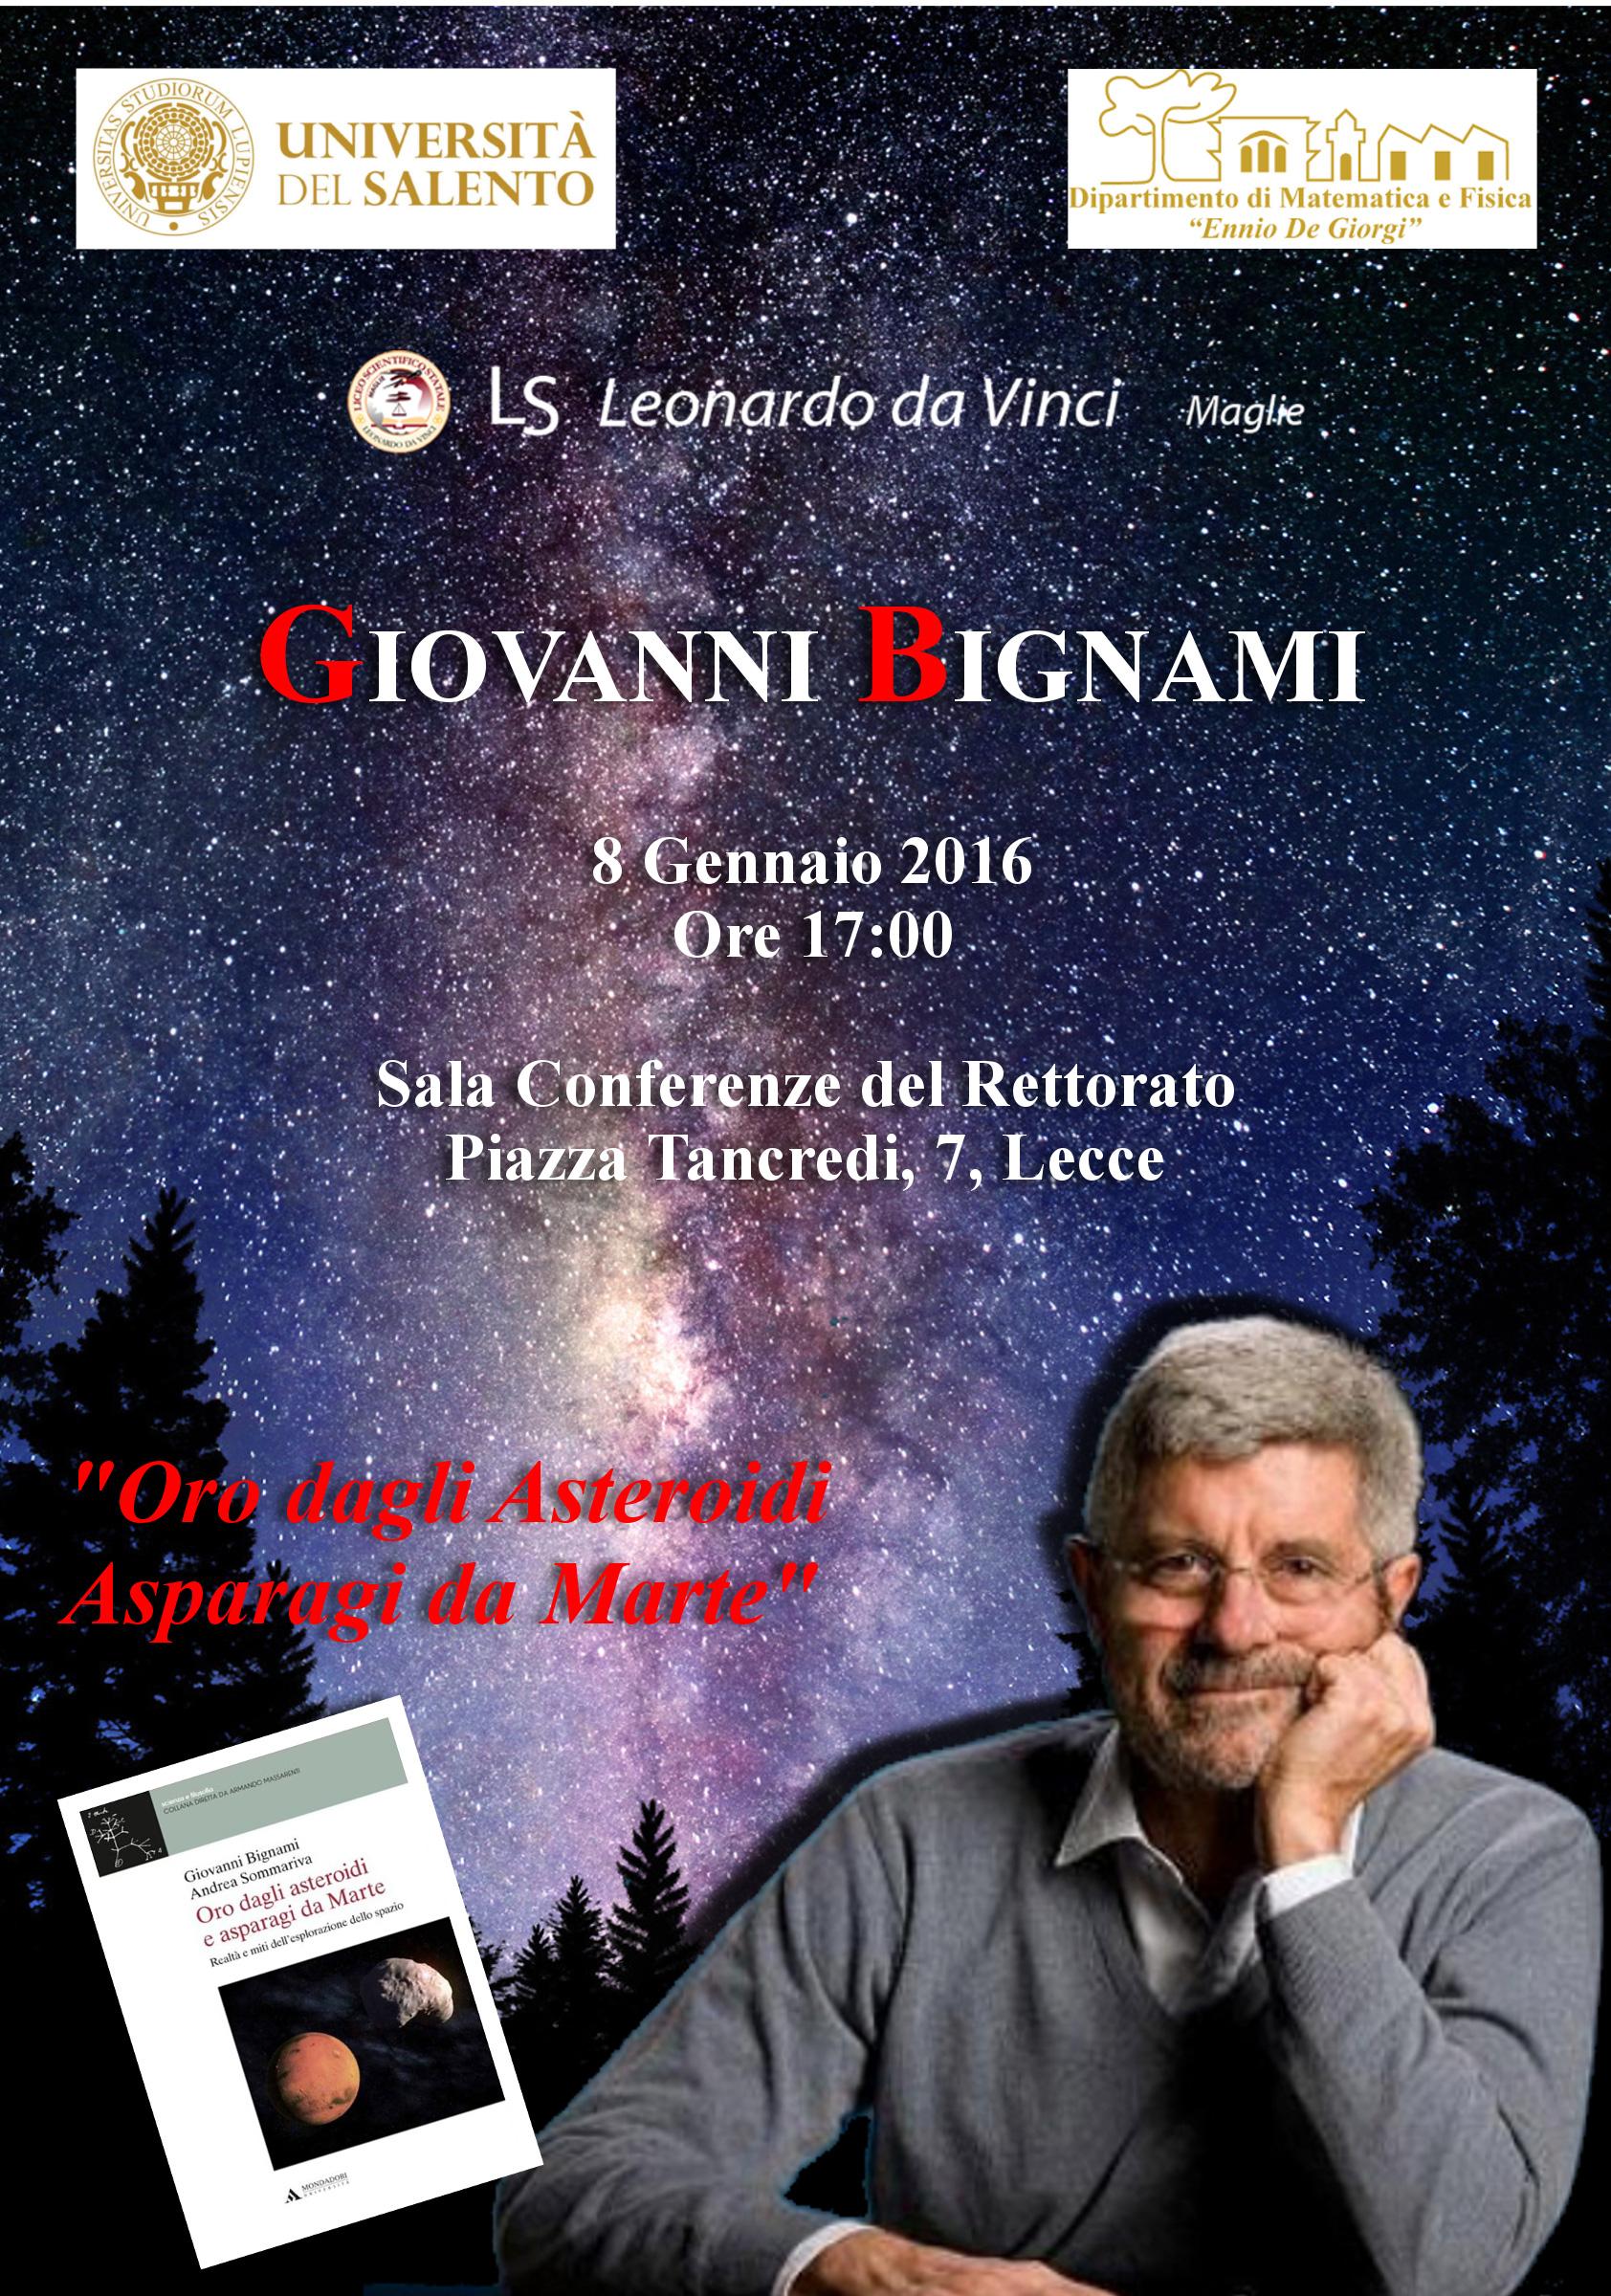 """La Didattica Universitaria: esperienze, teorie, criteri"""" a Lecce"""